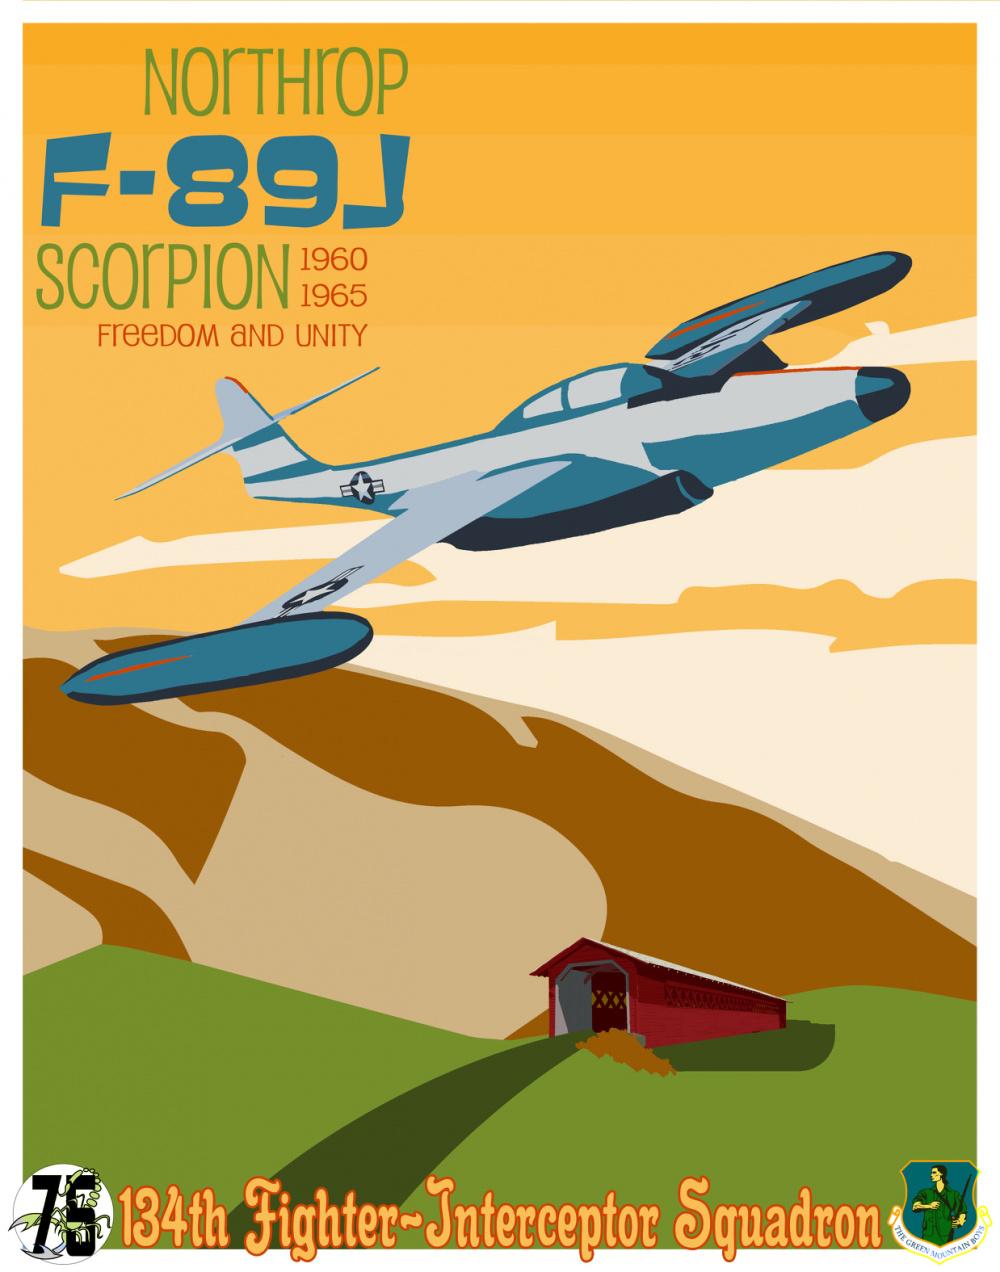 134th FS Celebrates 75th Anniversary with 1960s Artwork